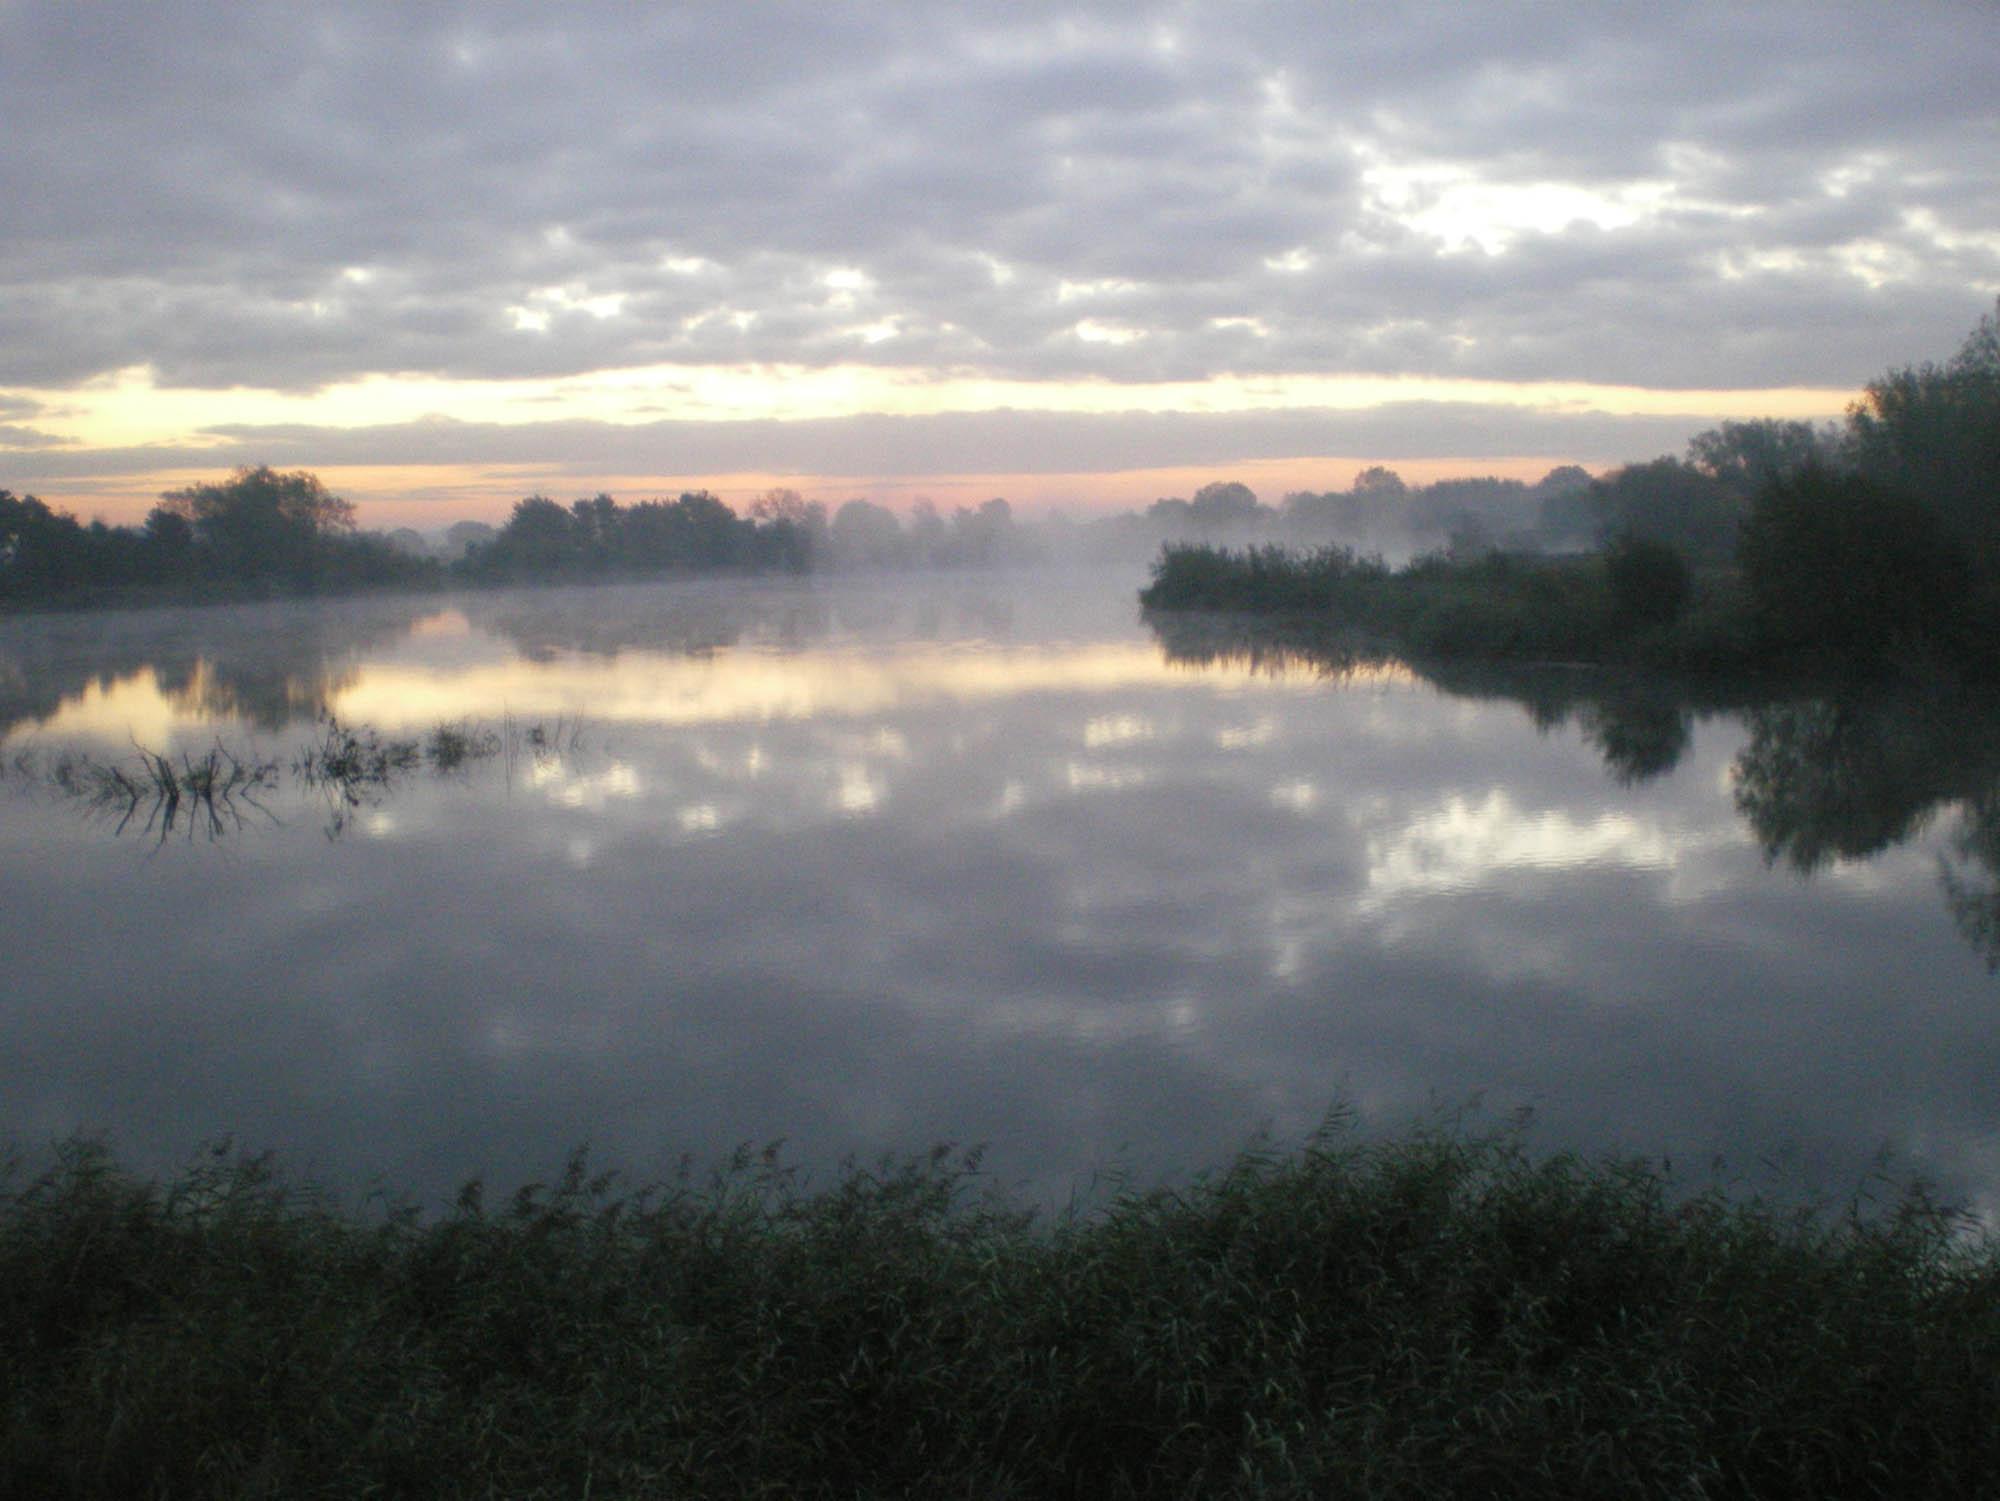 Autumn sunrise over Somerford Lagoon